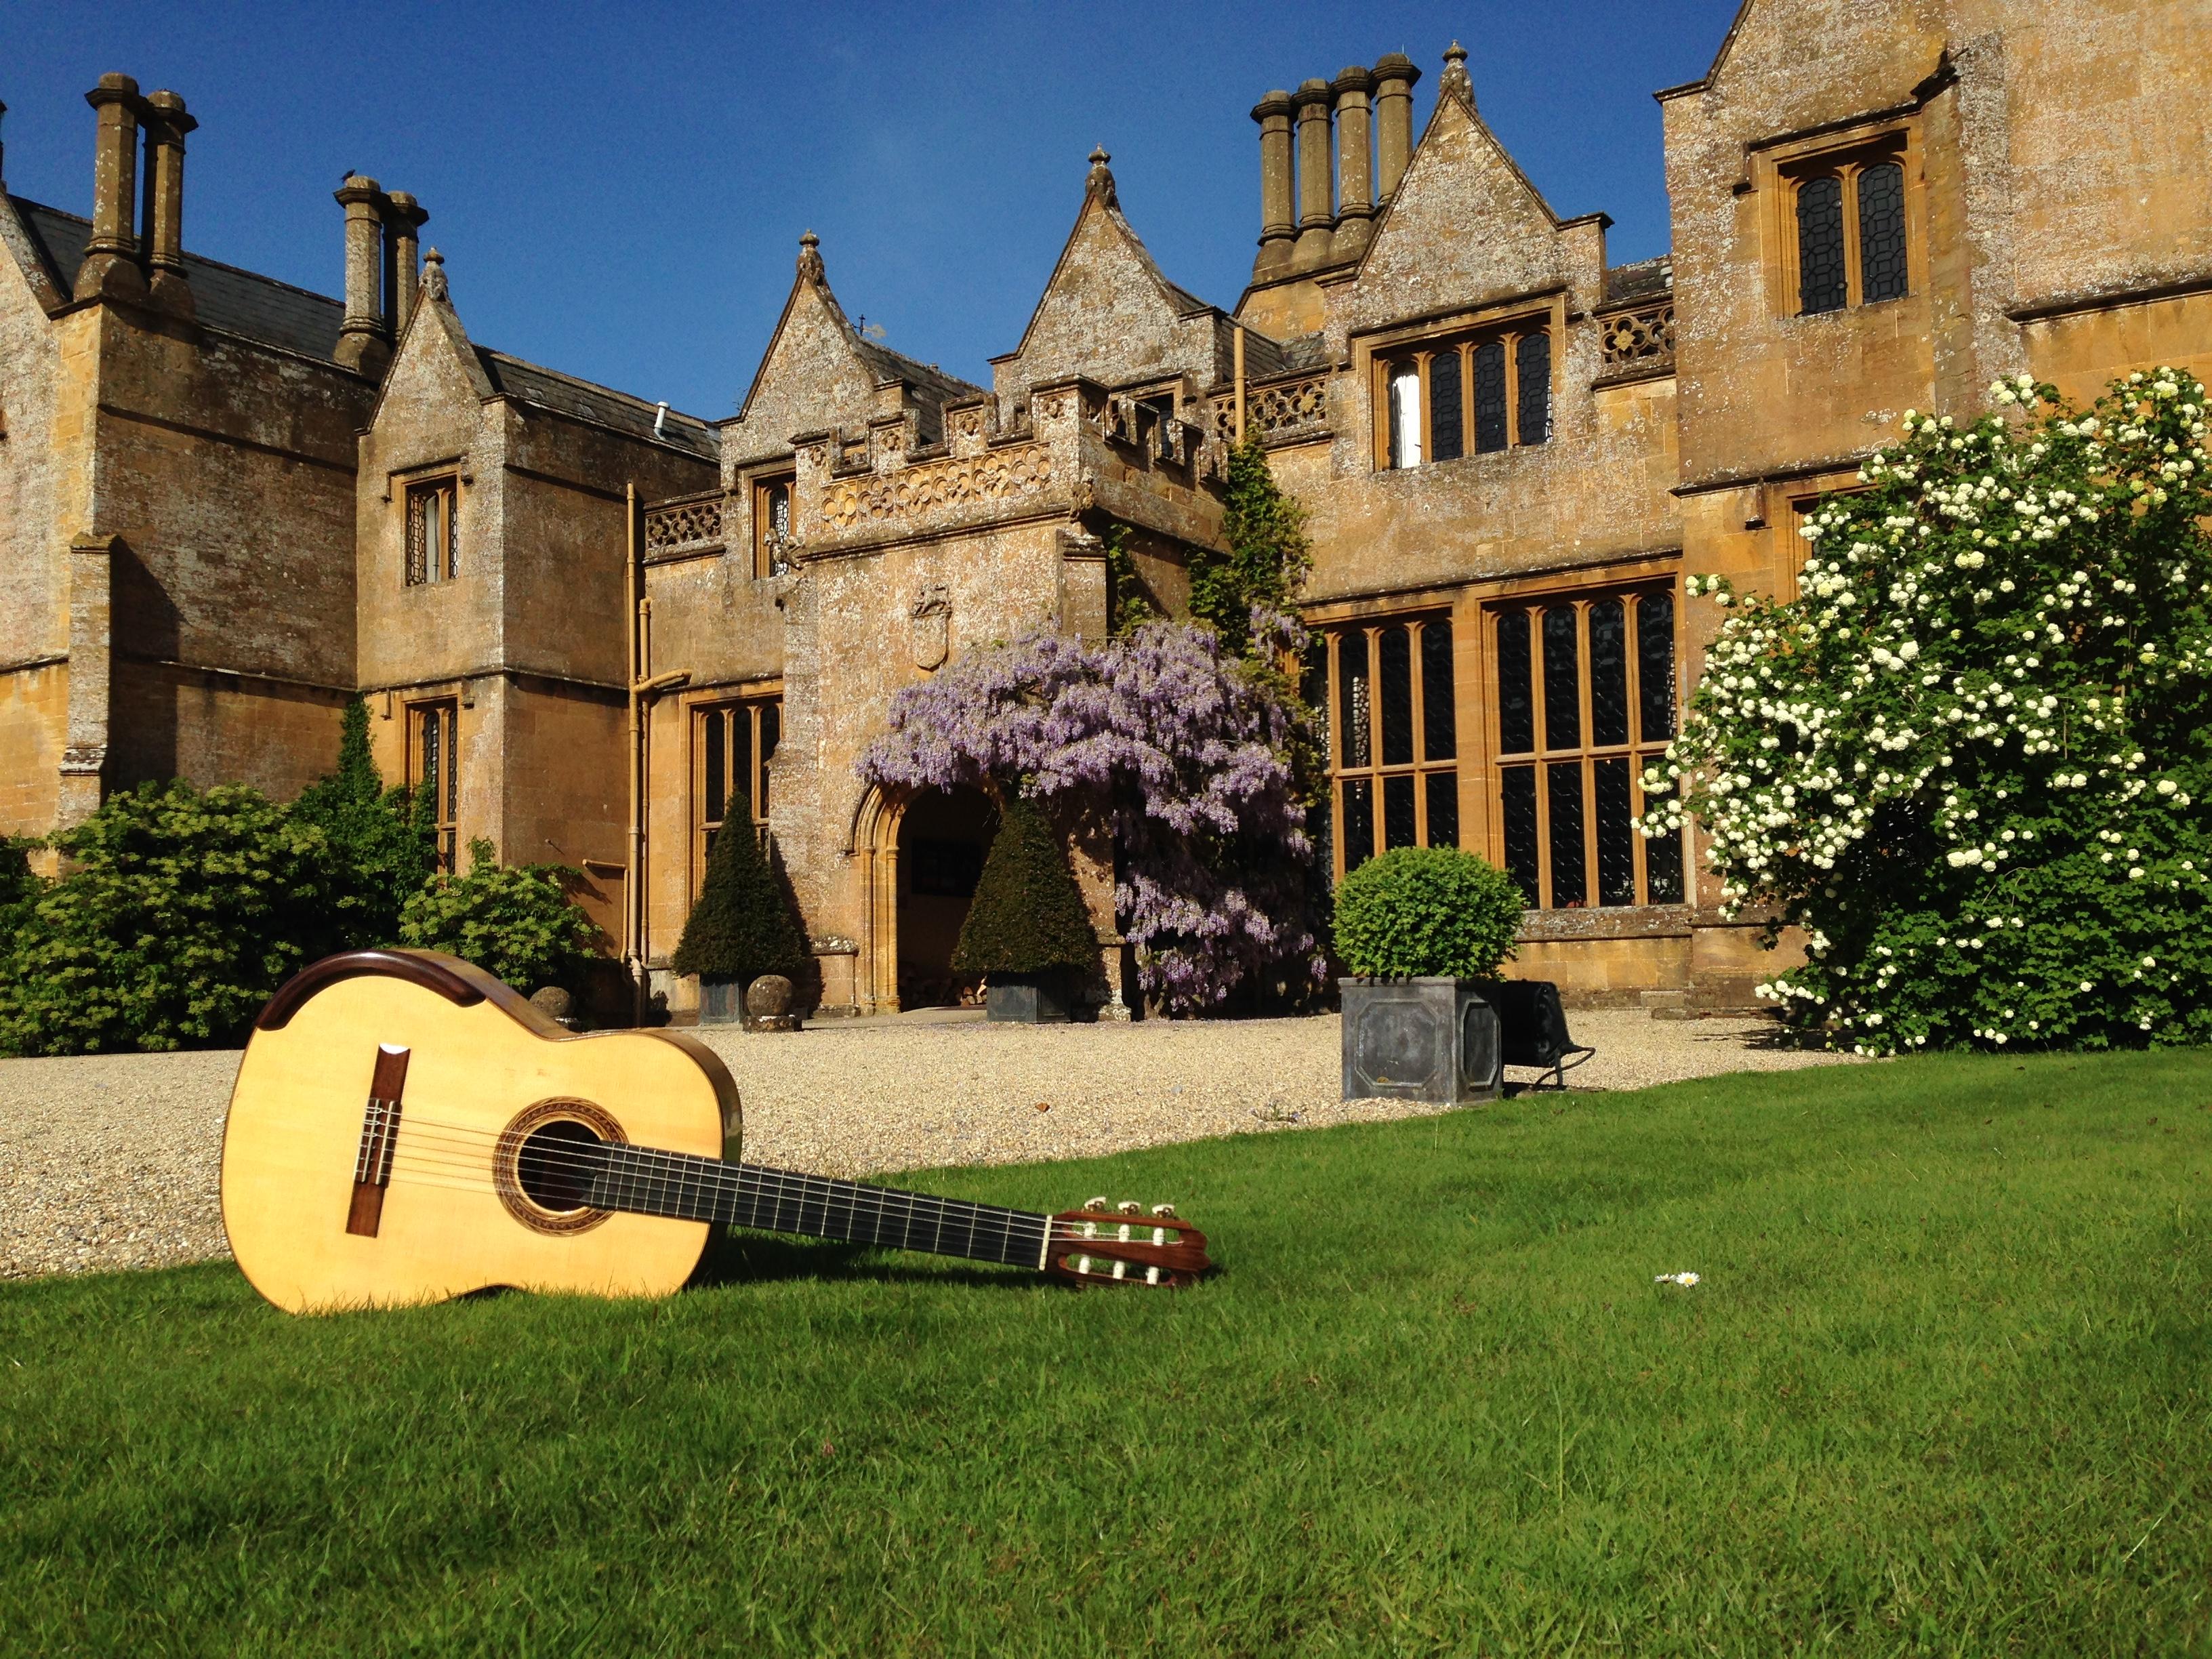 Classical Guitar at Dillington House